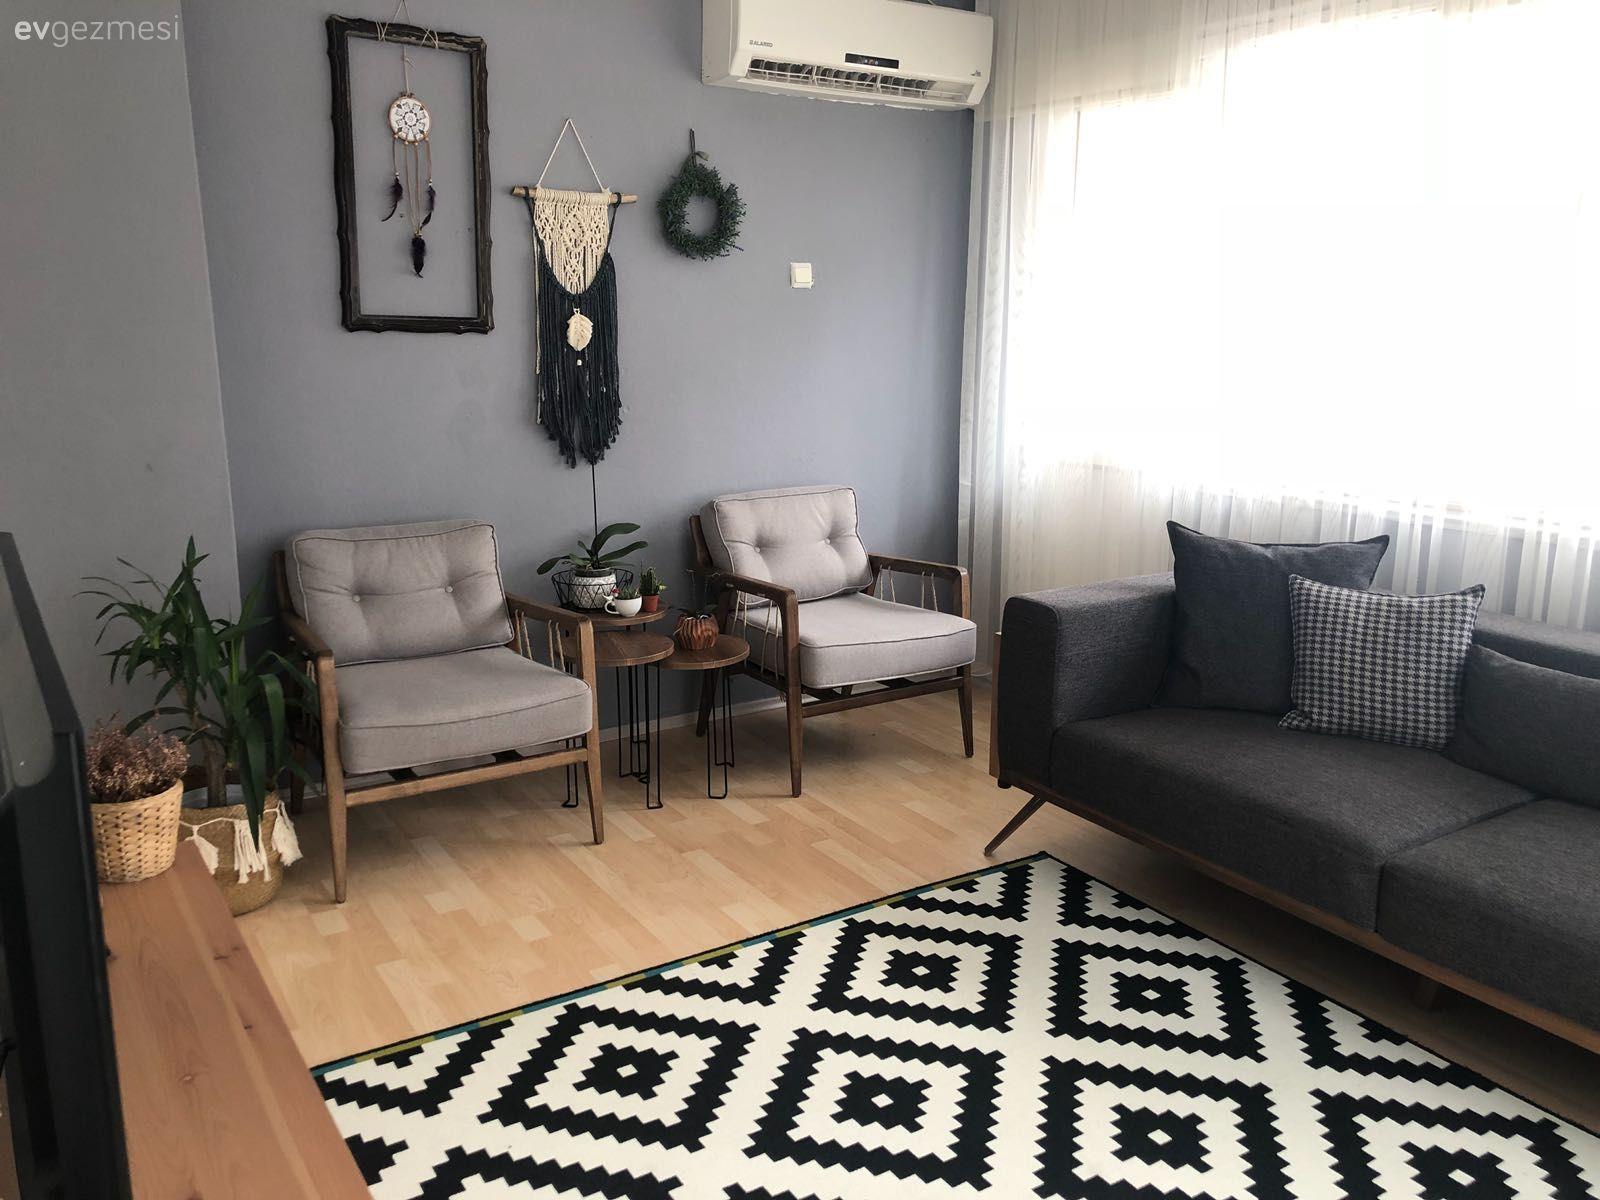 Renkli Bir Ortamdan Sade Ve Dogal Dekora Leyla Hanimin Evinin Yeni Tasarimi Wohnzimmerde Oturma Odasi Takimlari Ikea Oturma Odasi Oturma Odasi Tasarimlari